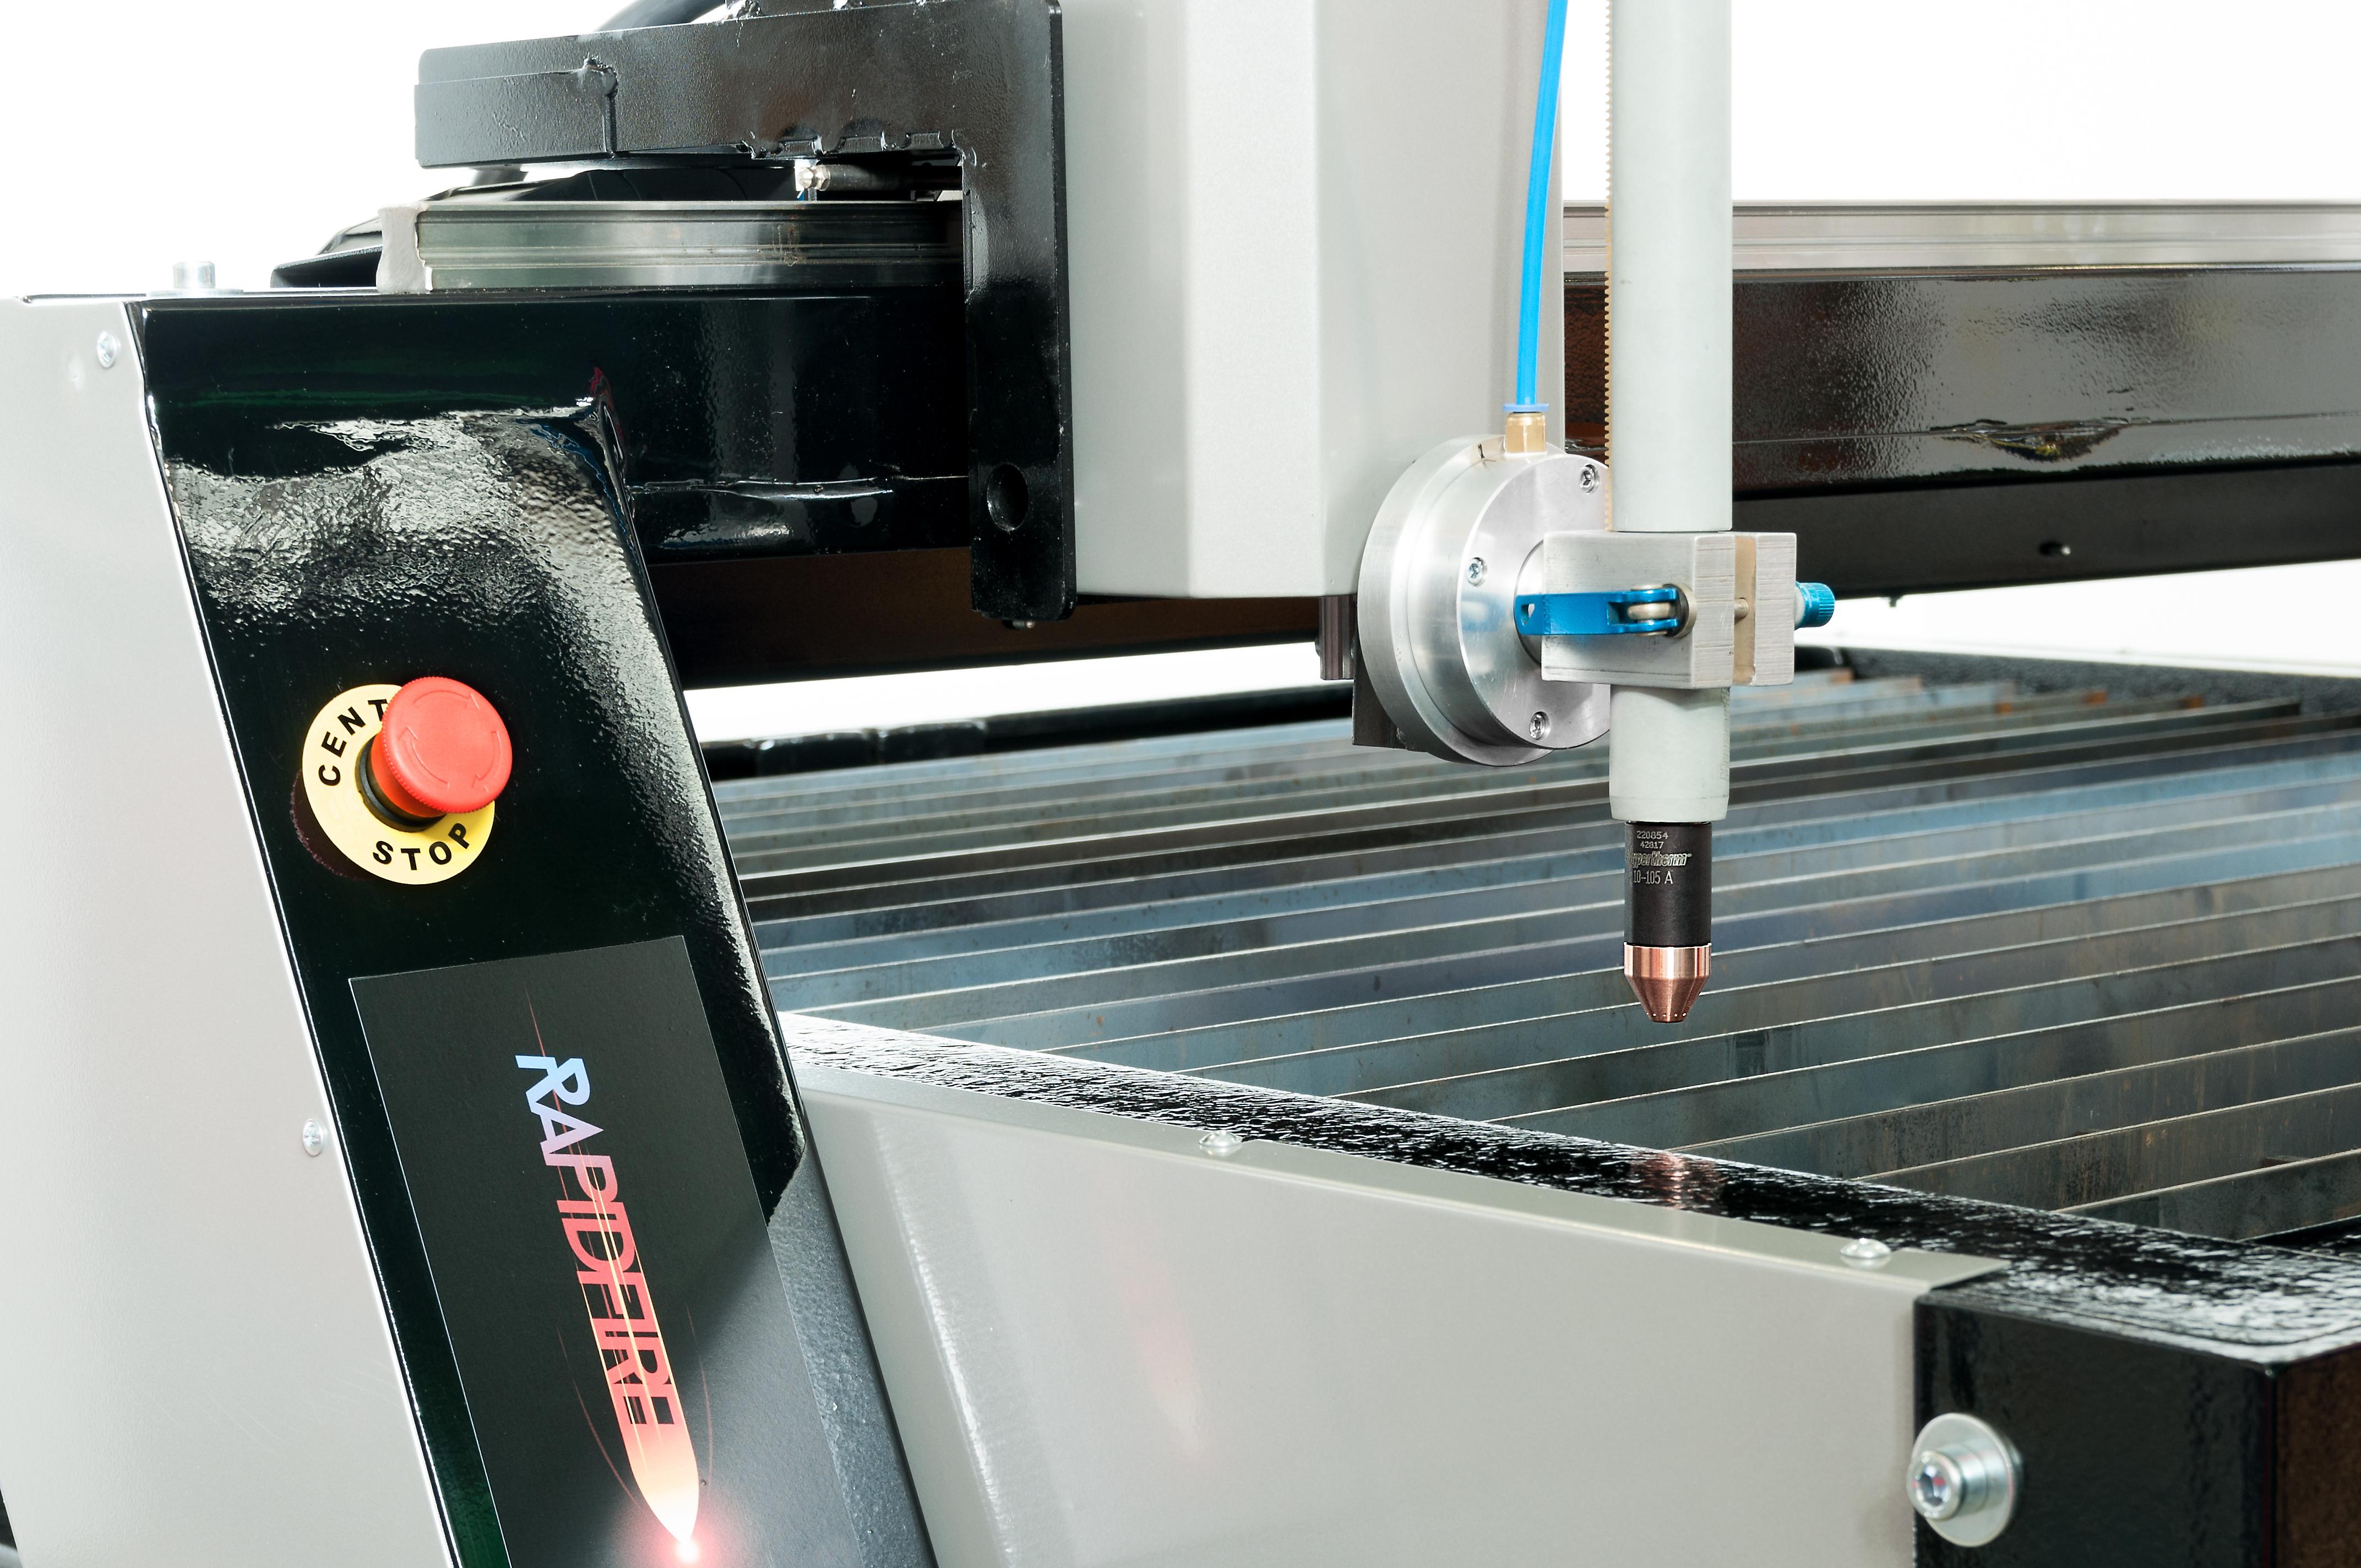 Wspaniały KOWAL CNC | Rapidfire – maszyny CNC, laser, plazma BF11